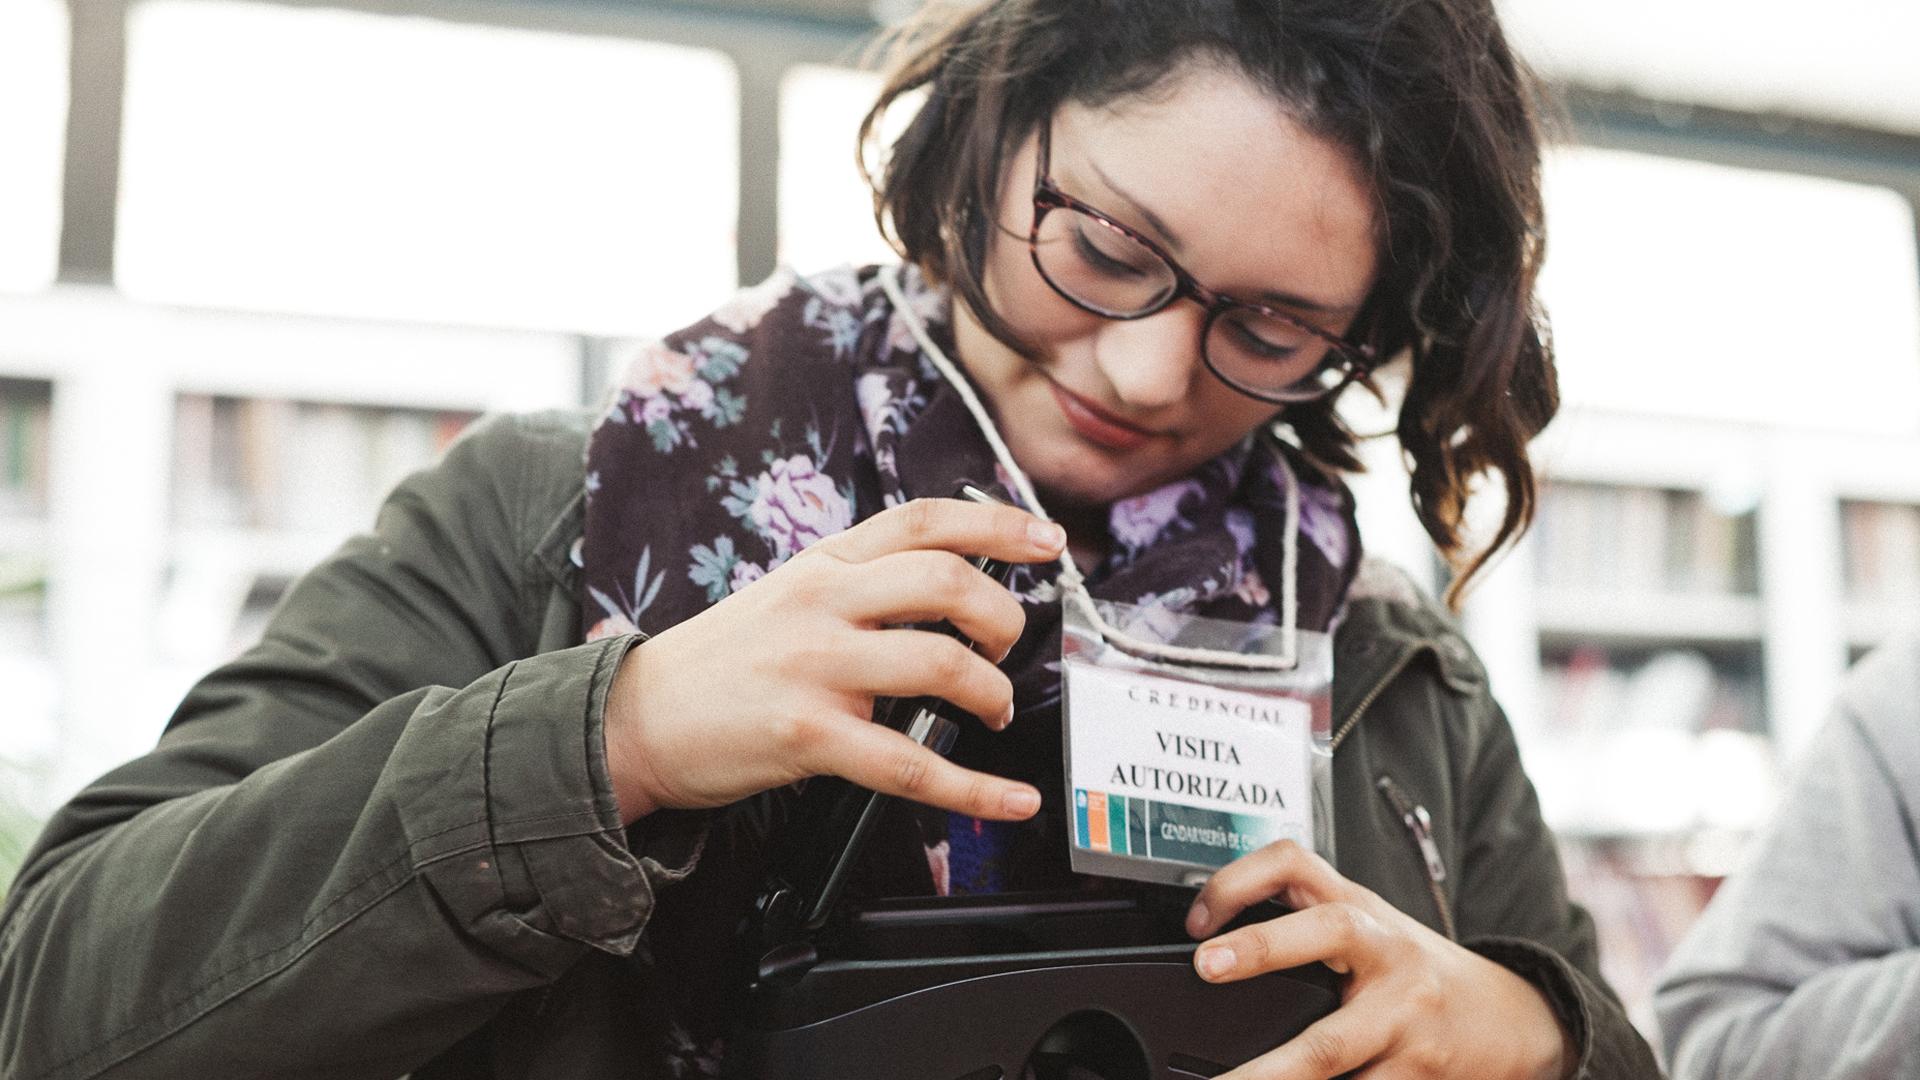 """Catalina Alarcón es directora y guionista y creó """"Volver a casa"""", un proyecto de realidad virtual en donde se desarrolla un diálogo cruzado entre los internos y sus familias, empatizando con la realidad carcelaria."""